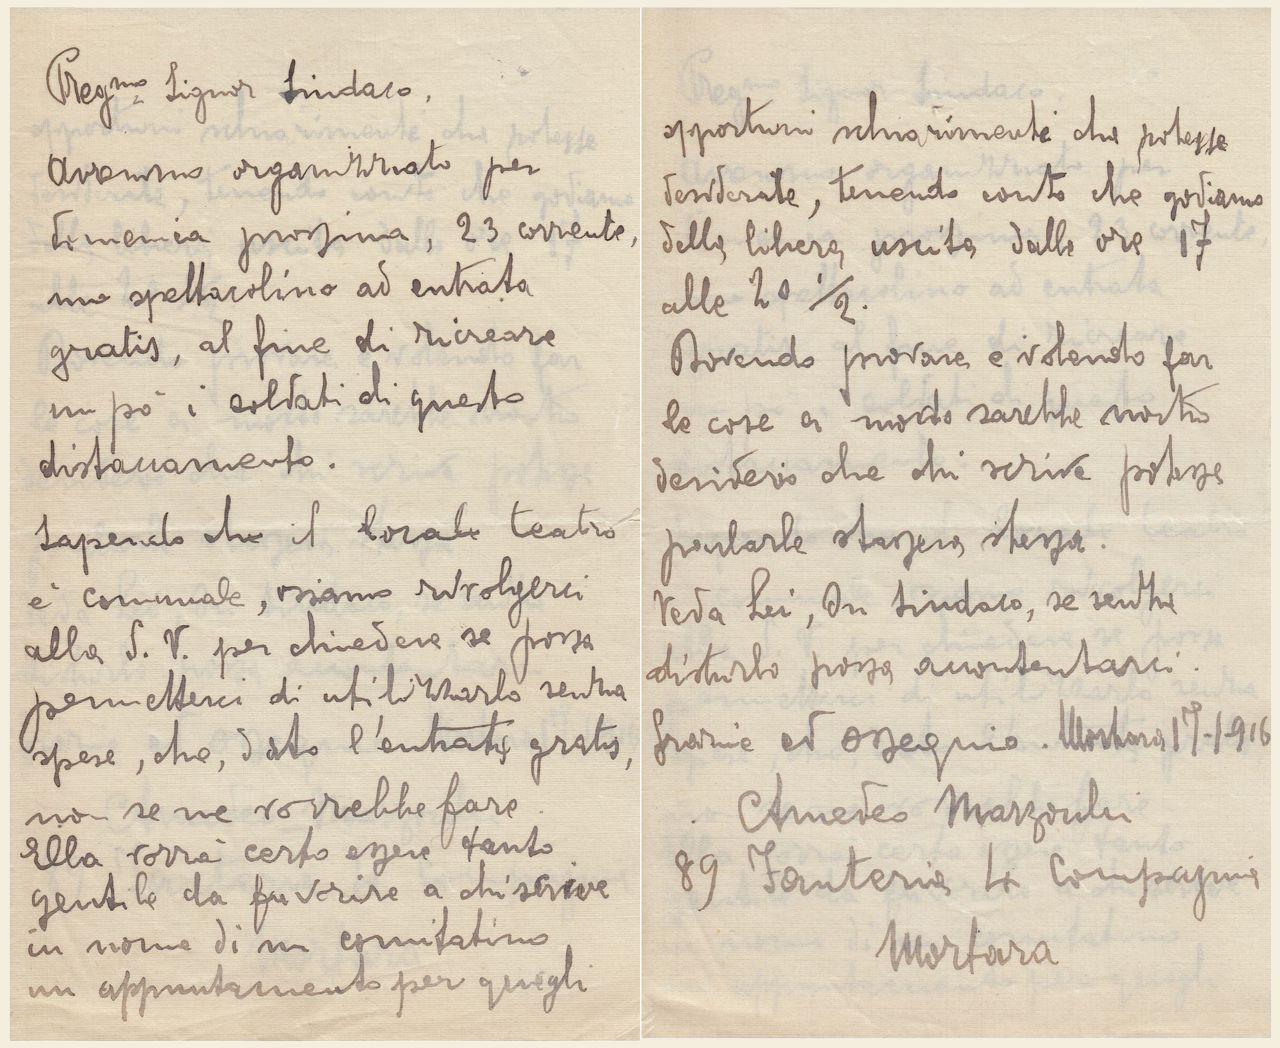 lettera di Amedeo Marzocchi 17 gennaio 1916